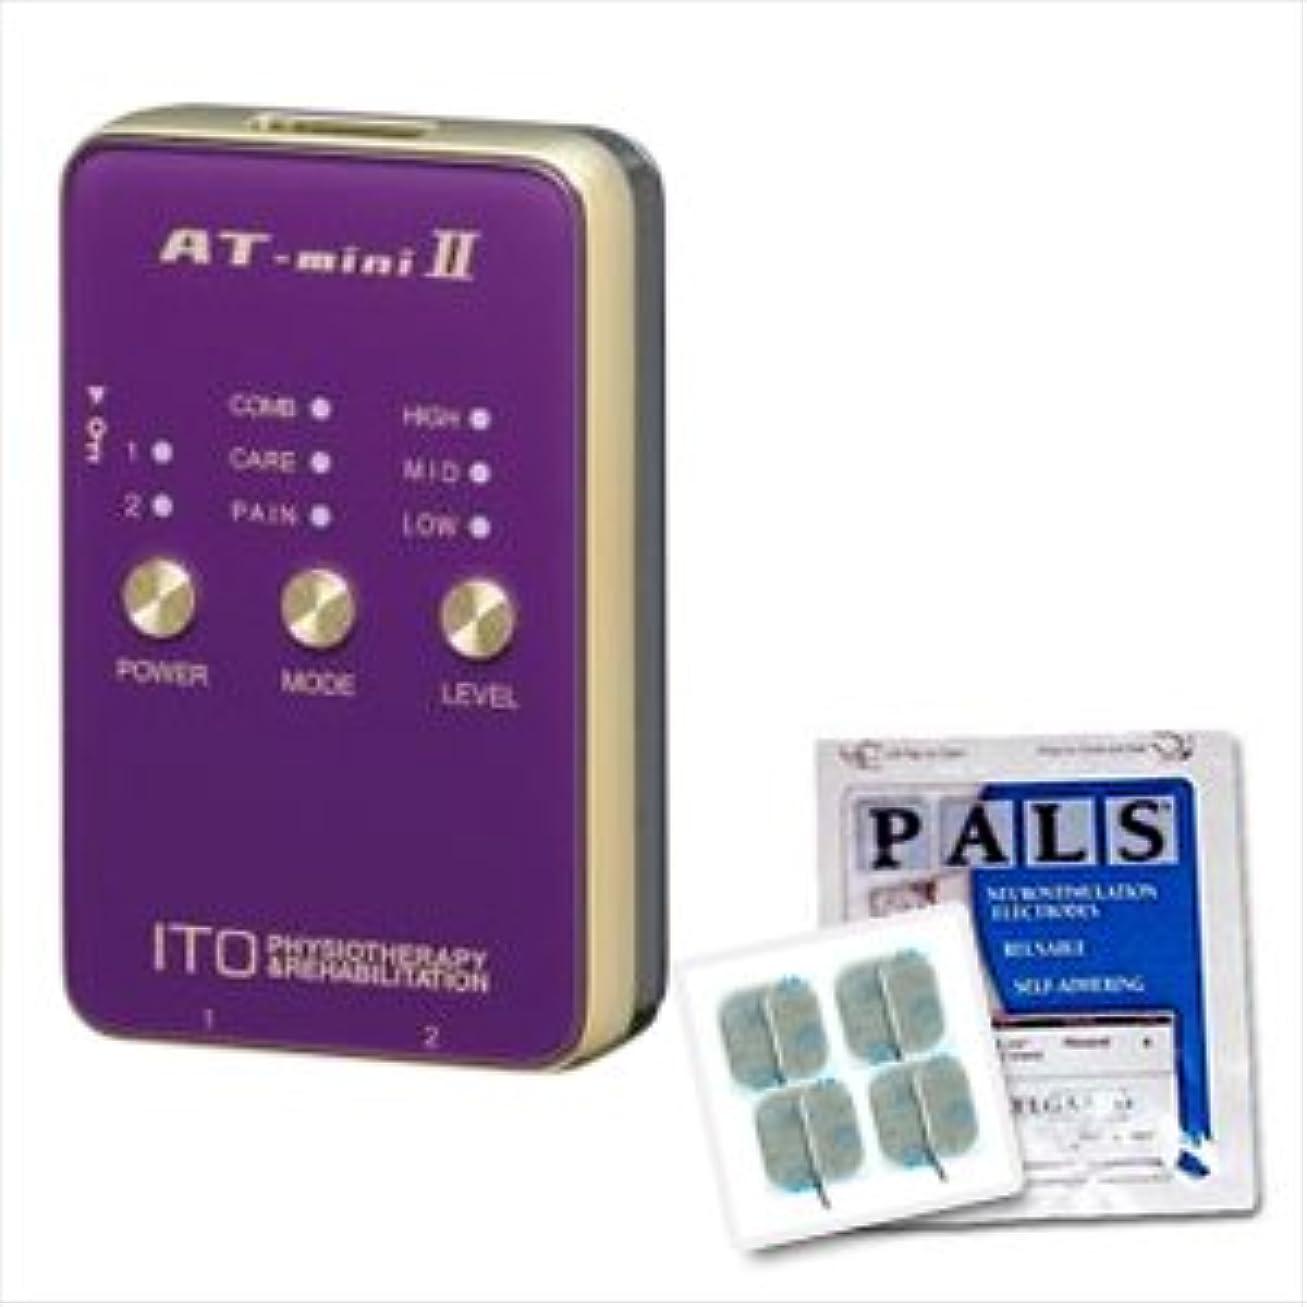 悲しい障害者うま低周波治療器 AT-mini II パープル +アクセルガードMサイズ(5x5cm:1袋4枚入)セット